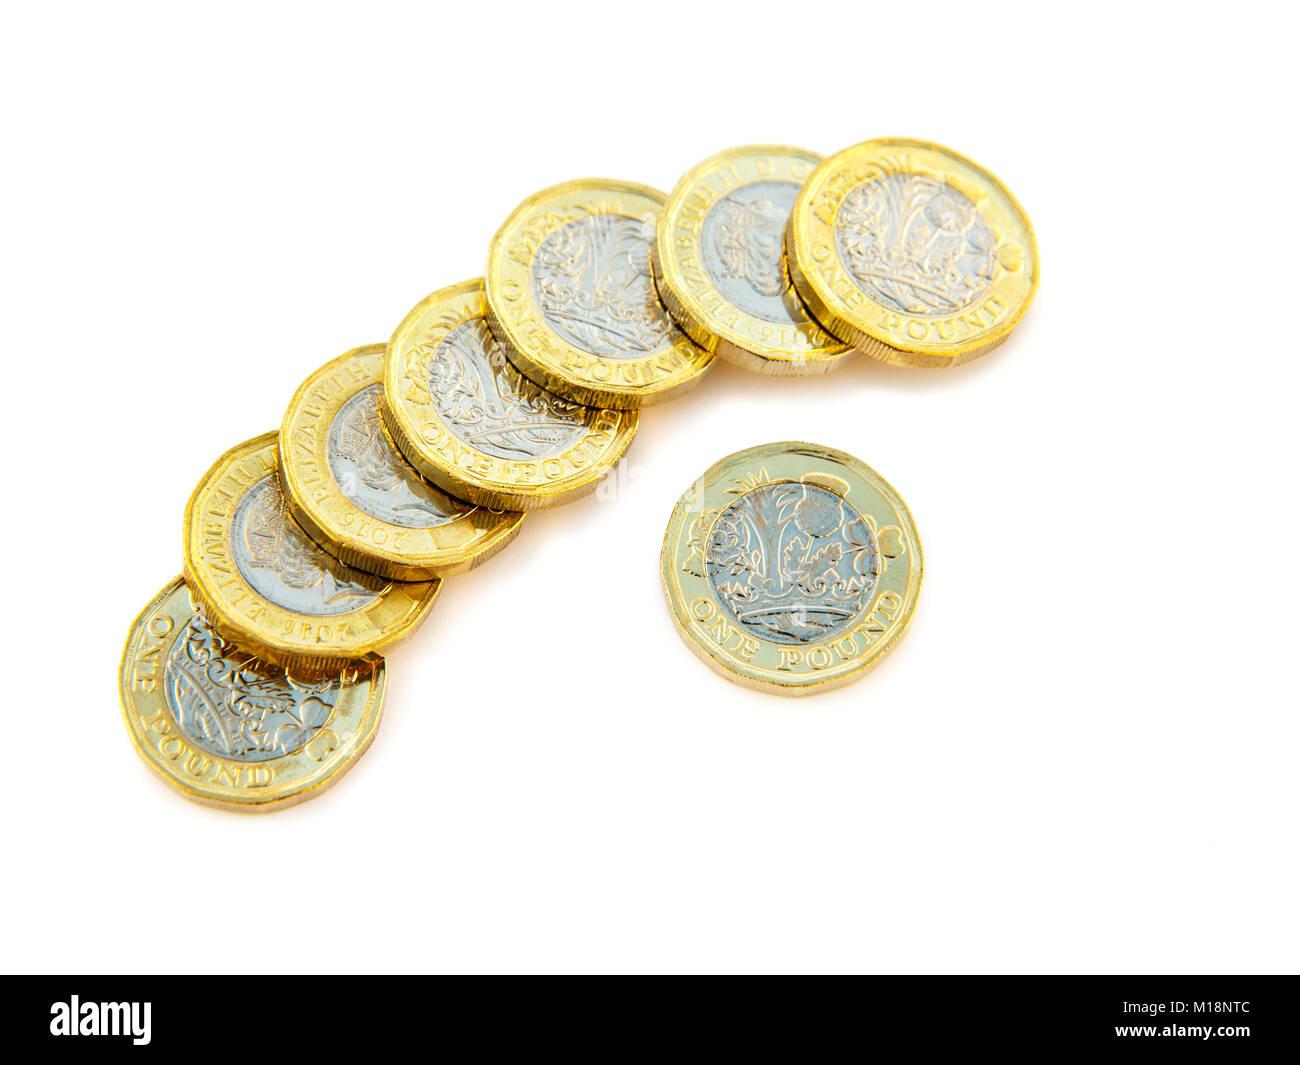 La nouvelle 12 verso un pièces livre £ GBP livres sterling en espèces l'argent UK en Grande-Bretagne. Silhouette et isolé sur fond blanc Banque D'Images